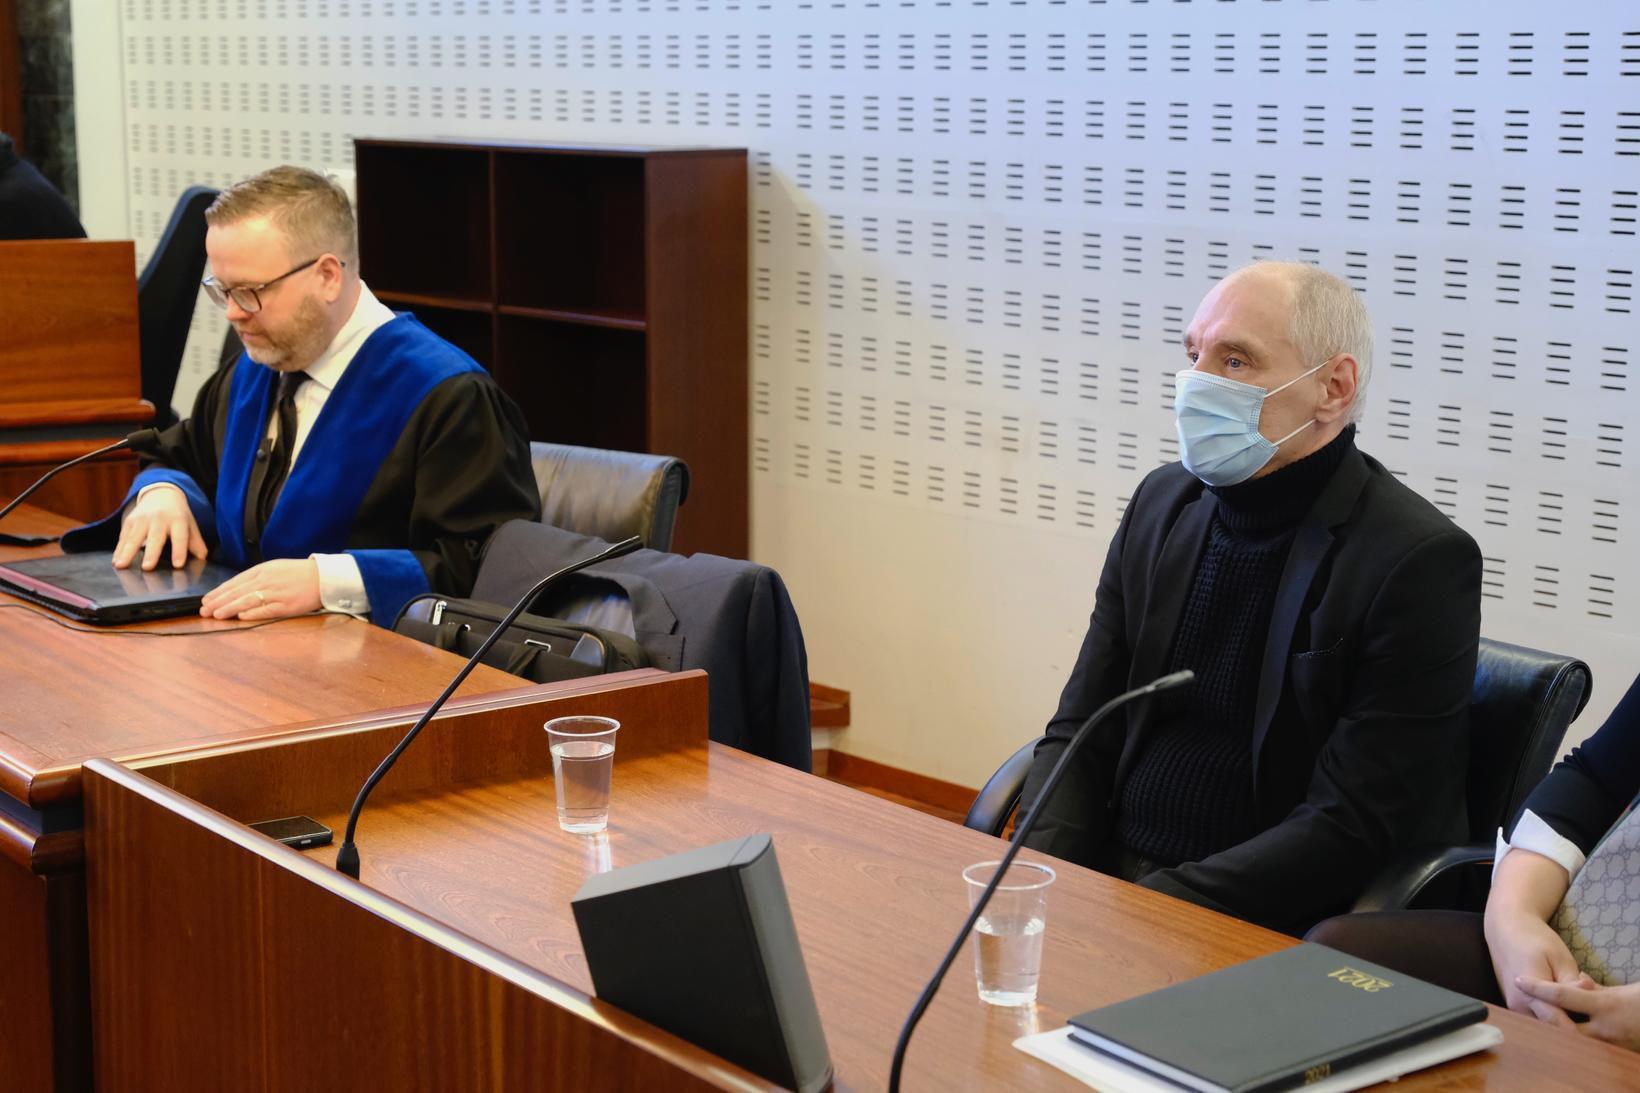 Marek Moszcynski ásamt lögmanni sínum, Stefáni Karli Kristjánssyni.